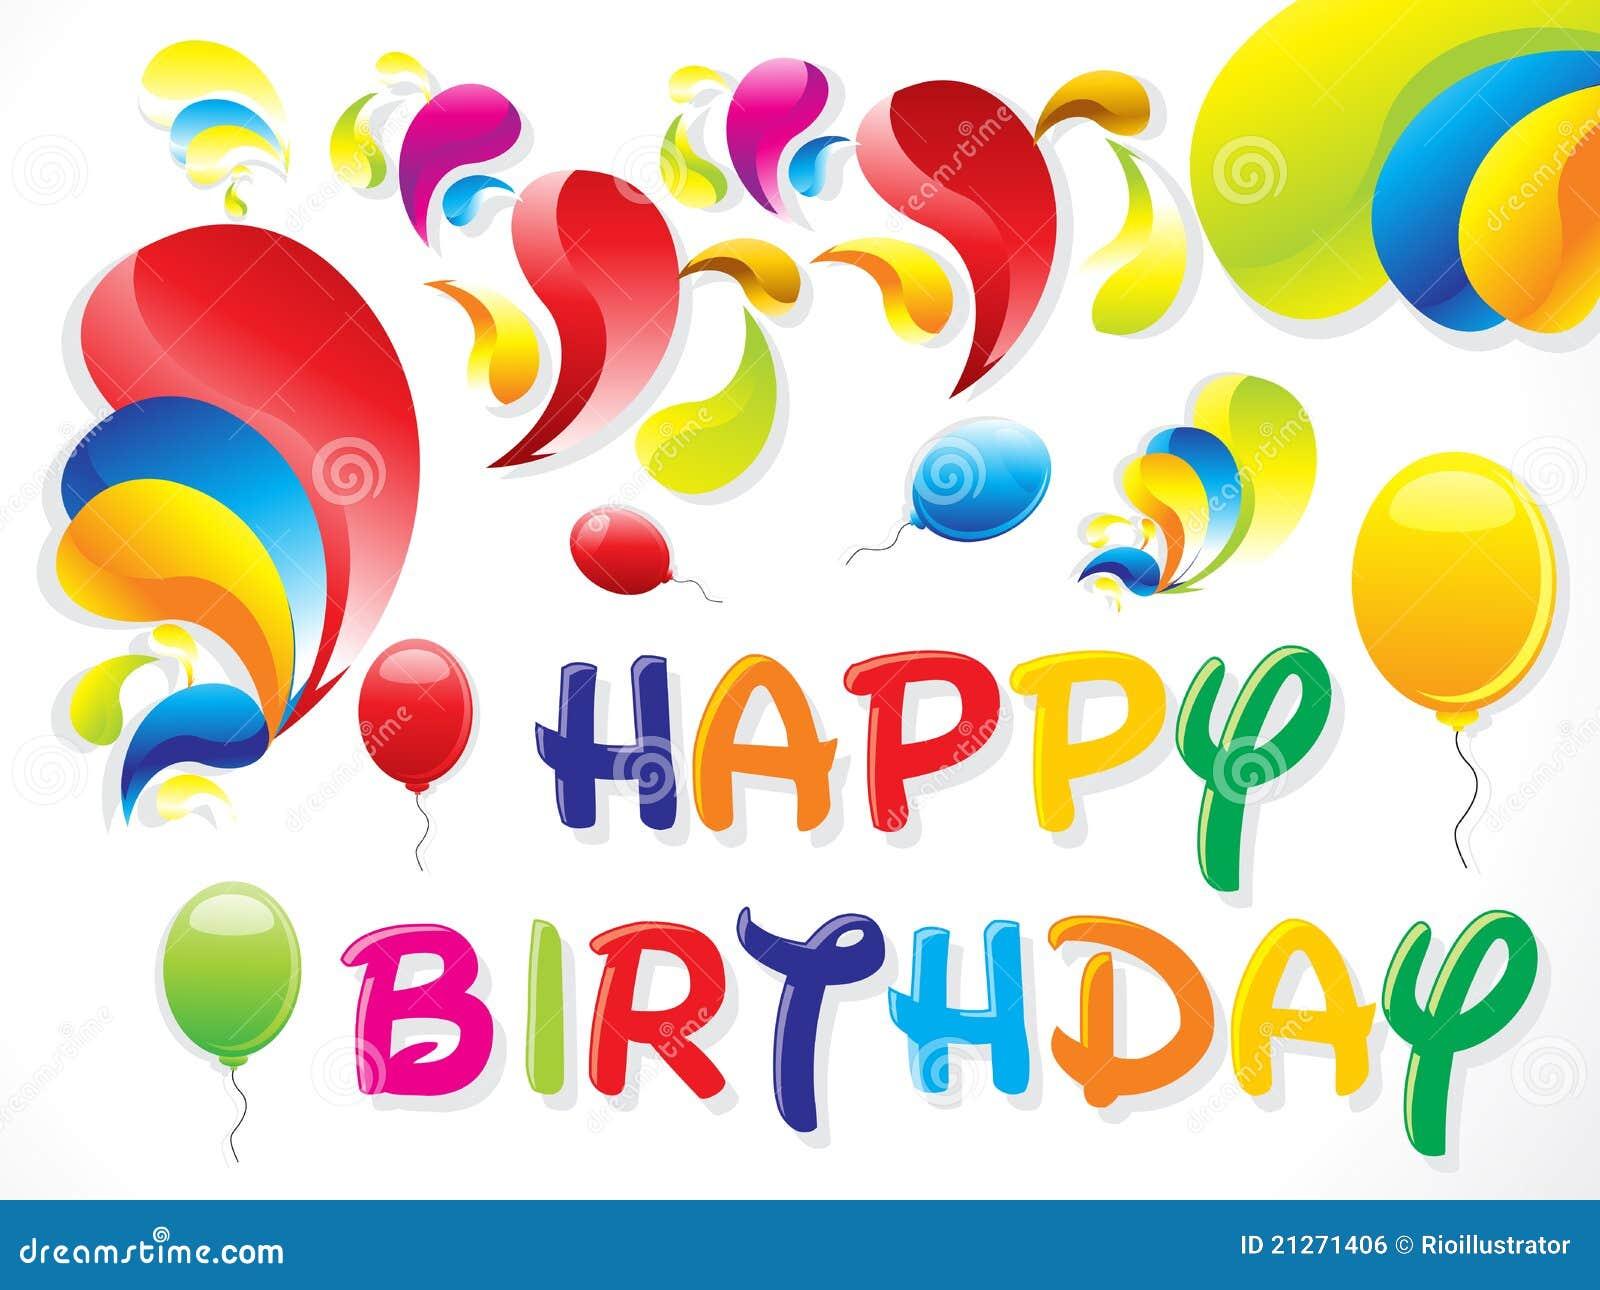 verjaardagskaart afbeelding Abstracte Kleurrijke Verjaardagskaart Vector Illustratie  verjaardagskaart afbeelding